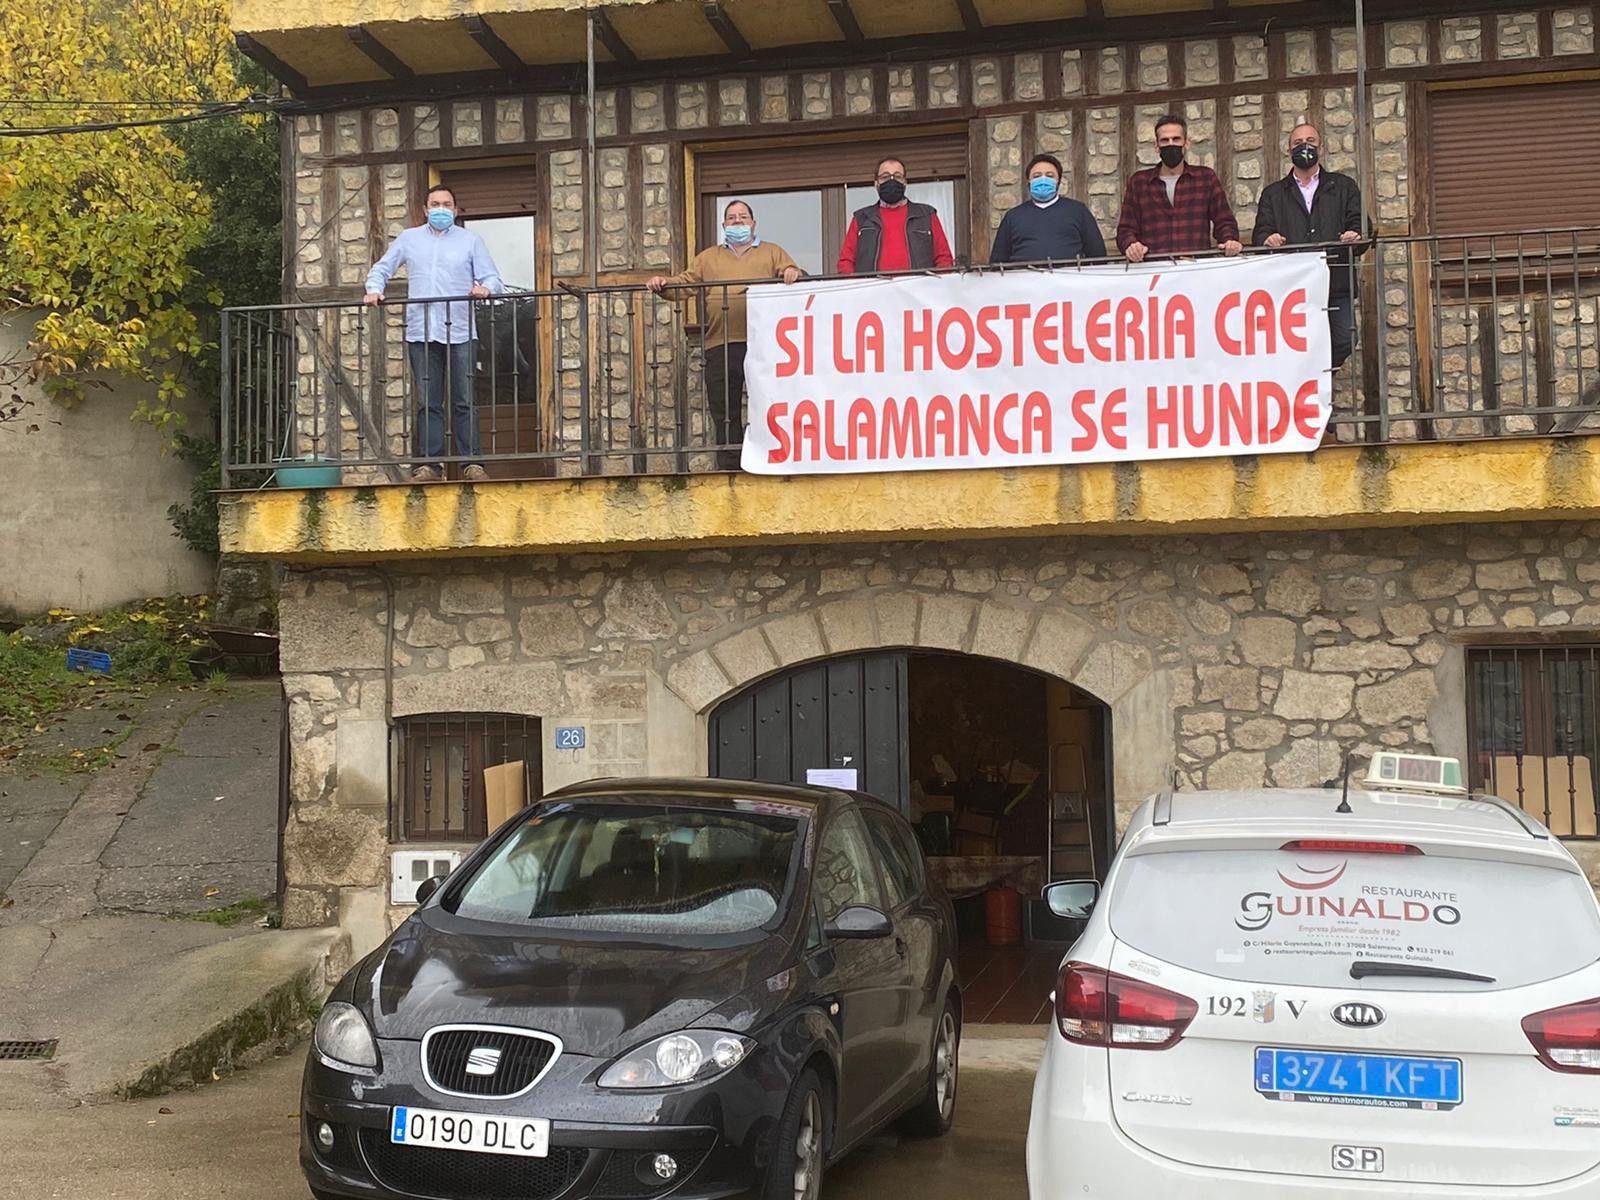 Hostelería La Vuelta